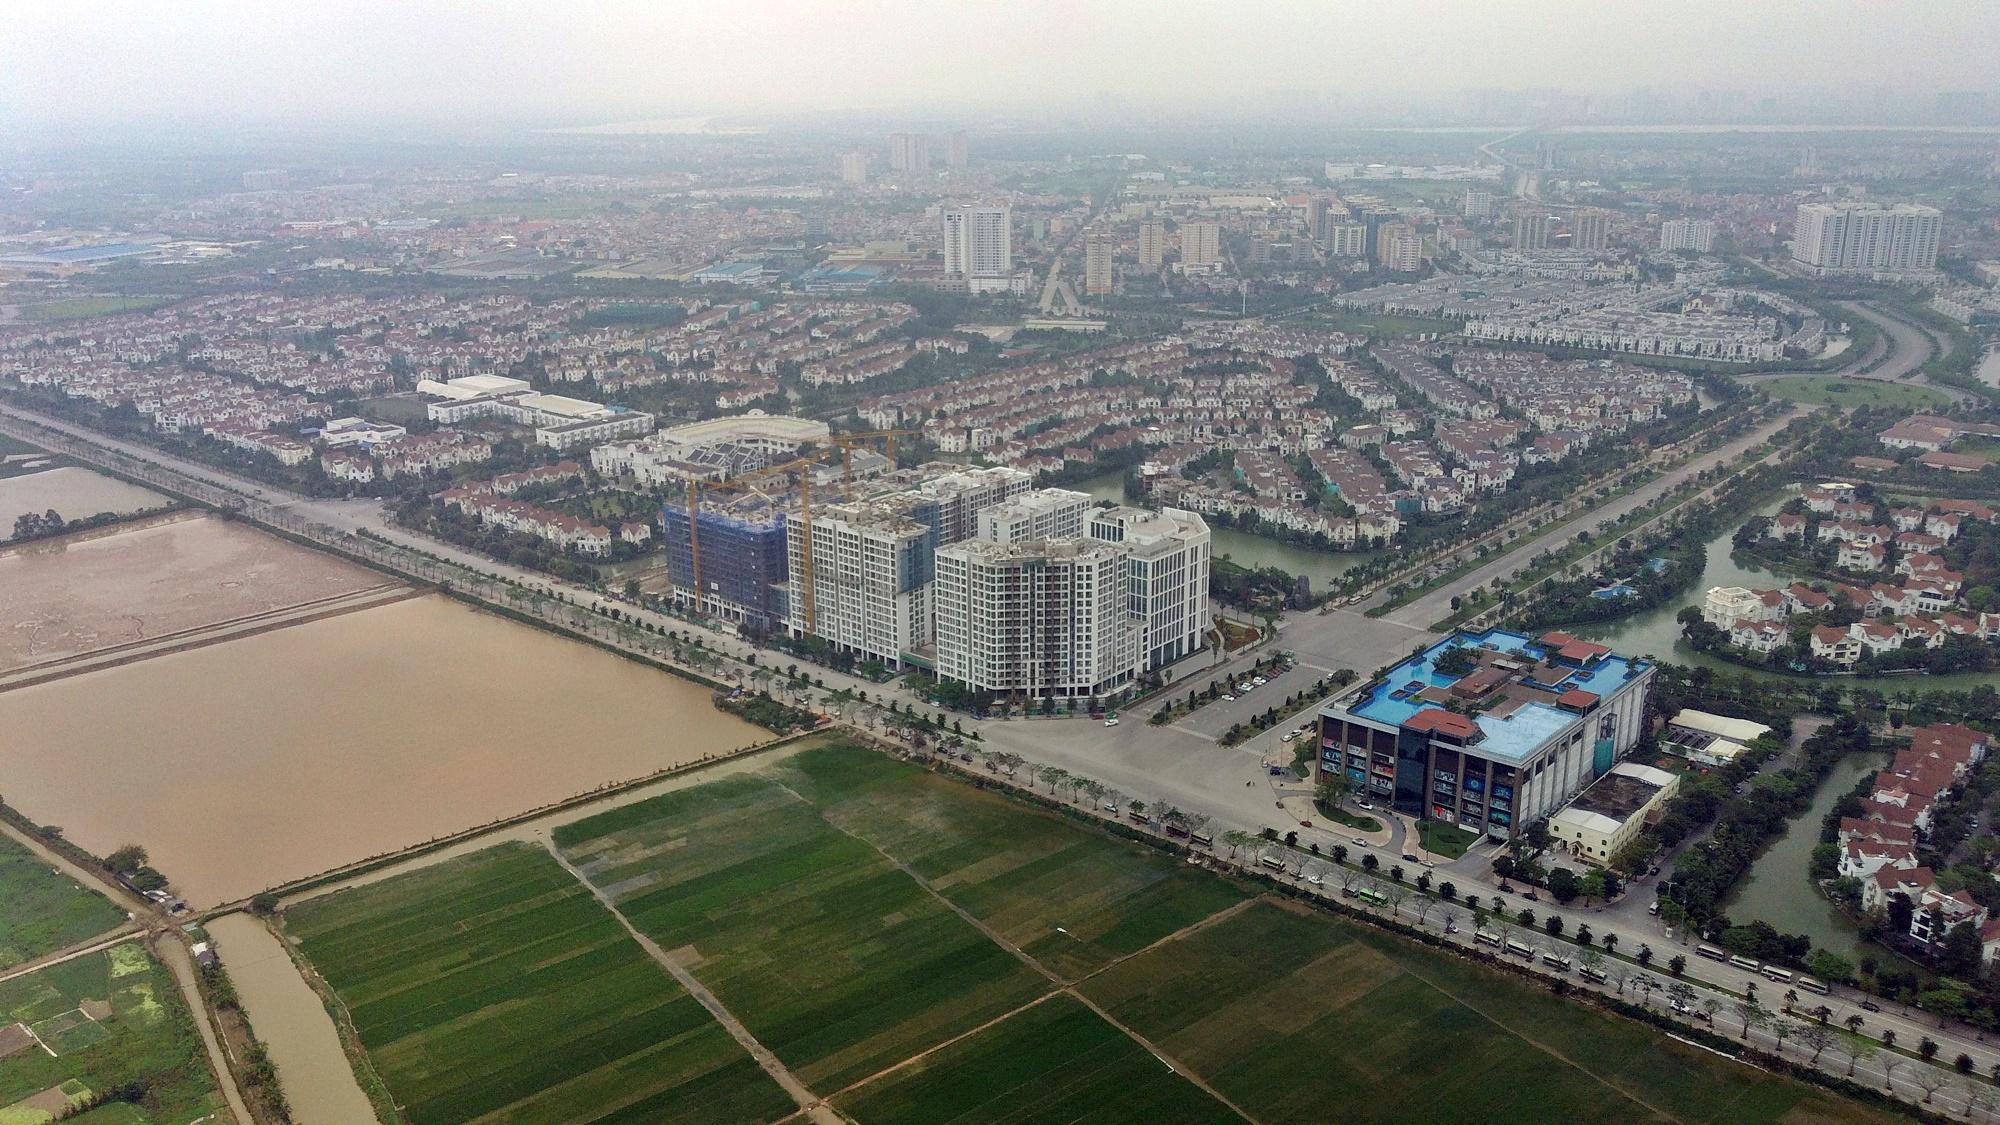 Cầu sẽ mở theo qui hoạch ở Hà Nội: Toành cảnh vị trí làm cầu Giang Biên - Ảnh 3.